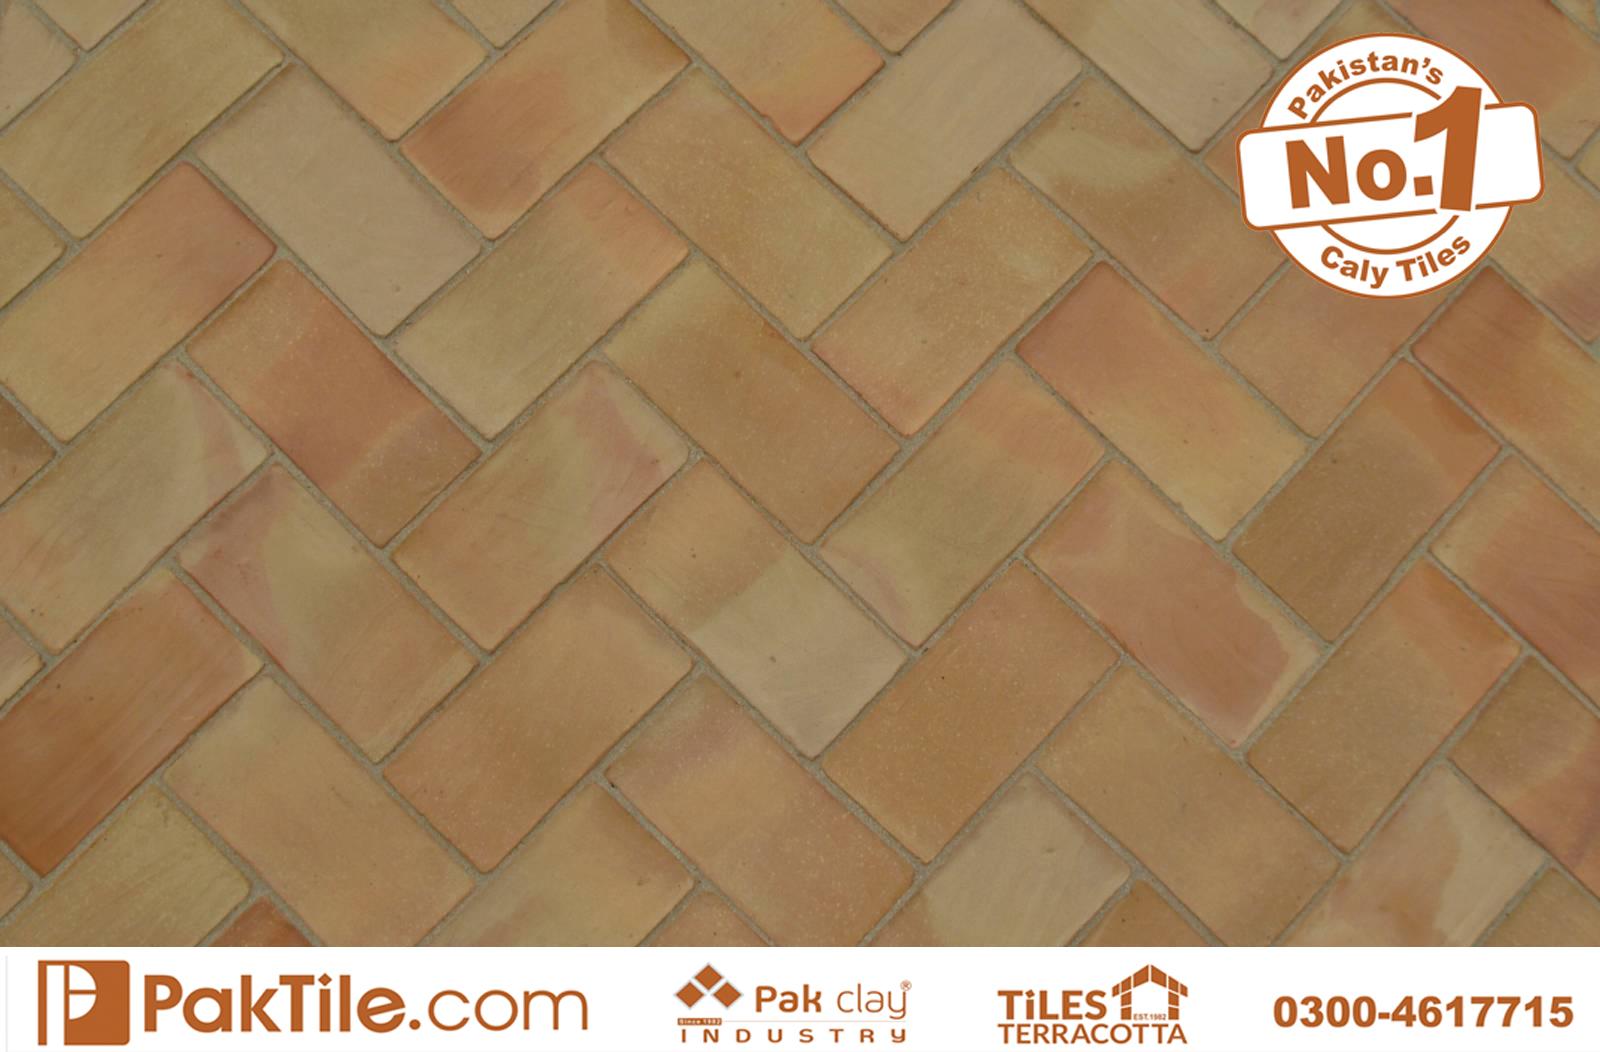 Mud Clay Tiles Design Pakistan Pak Clay Tiles